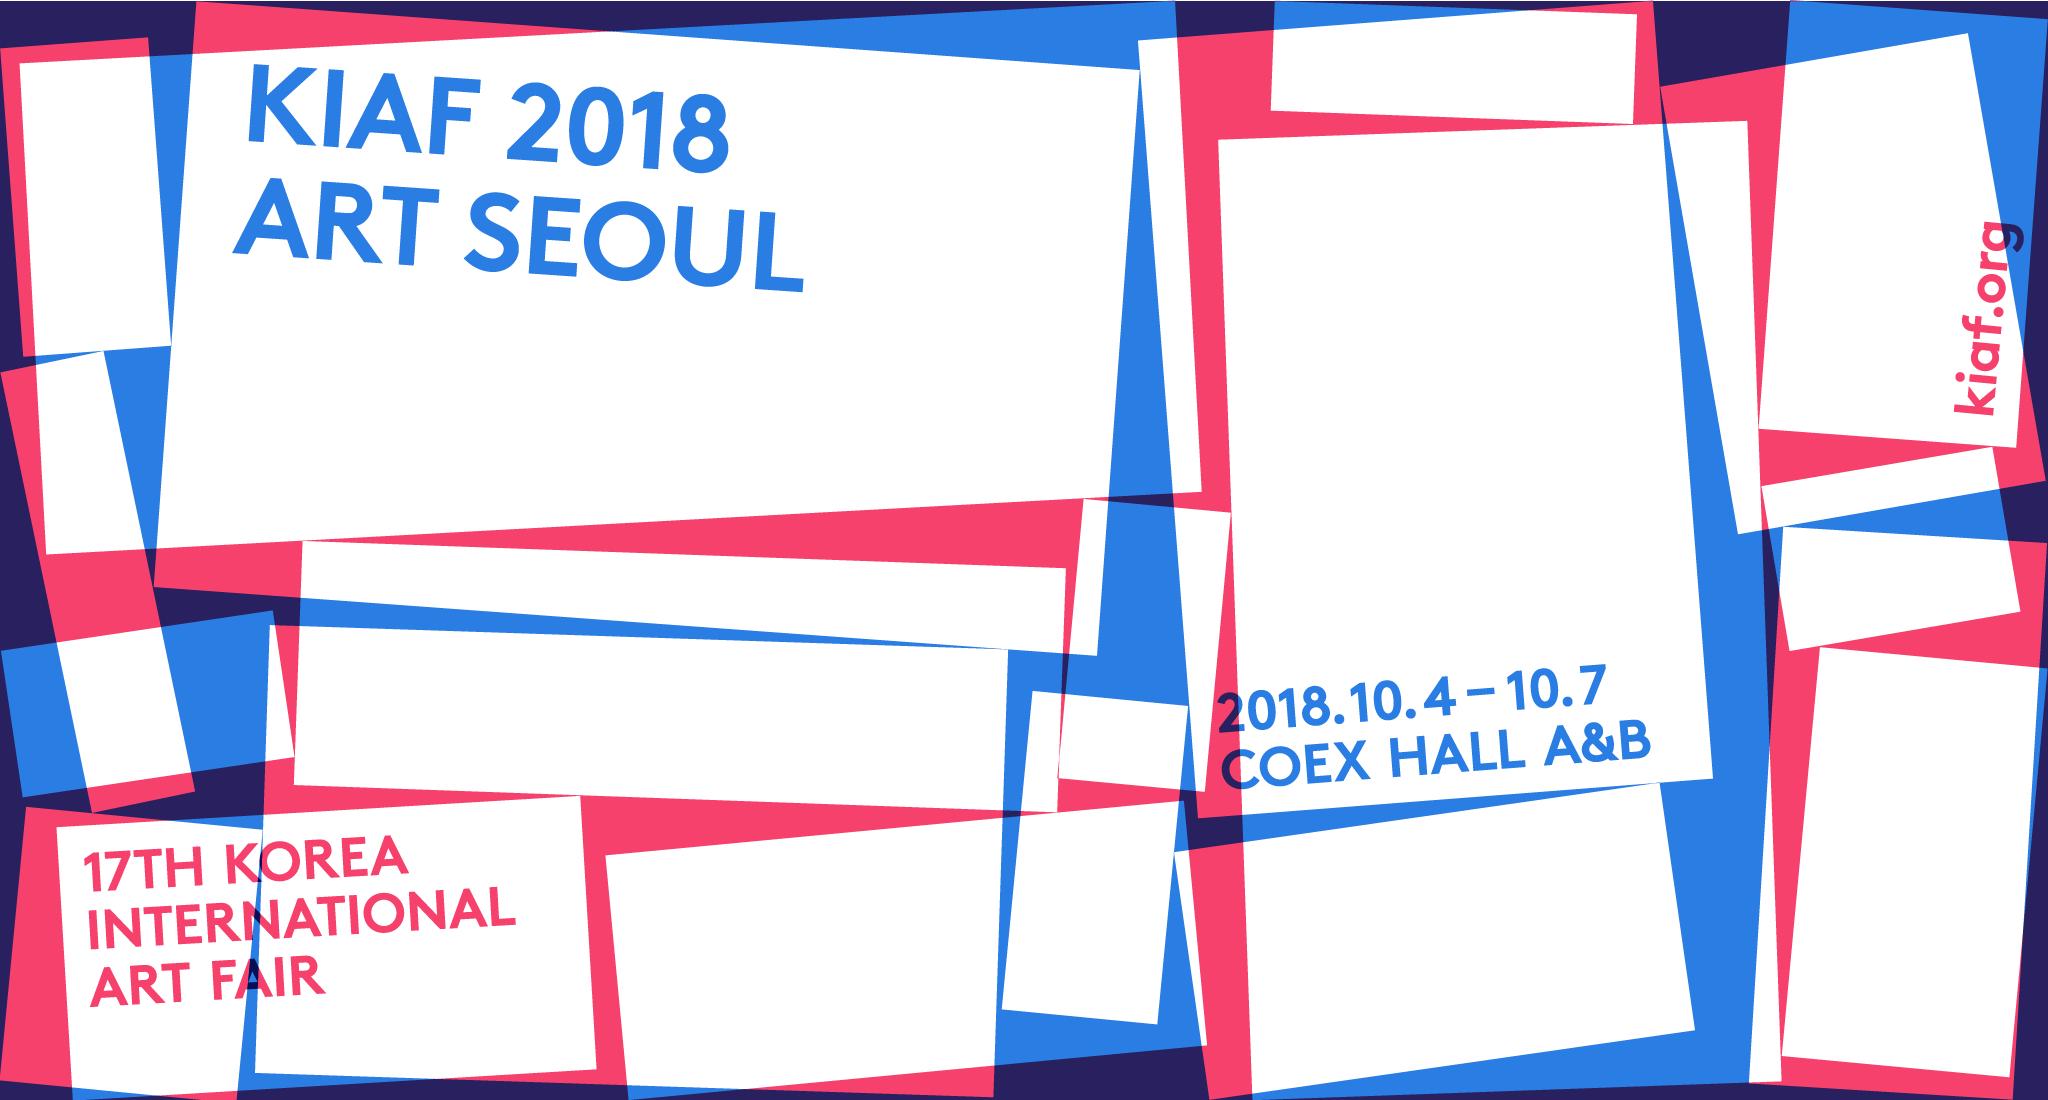 1_KIAF ART SEOUL_2018.png